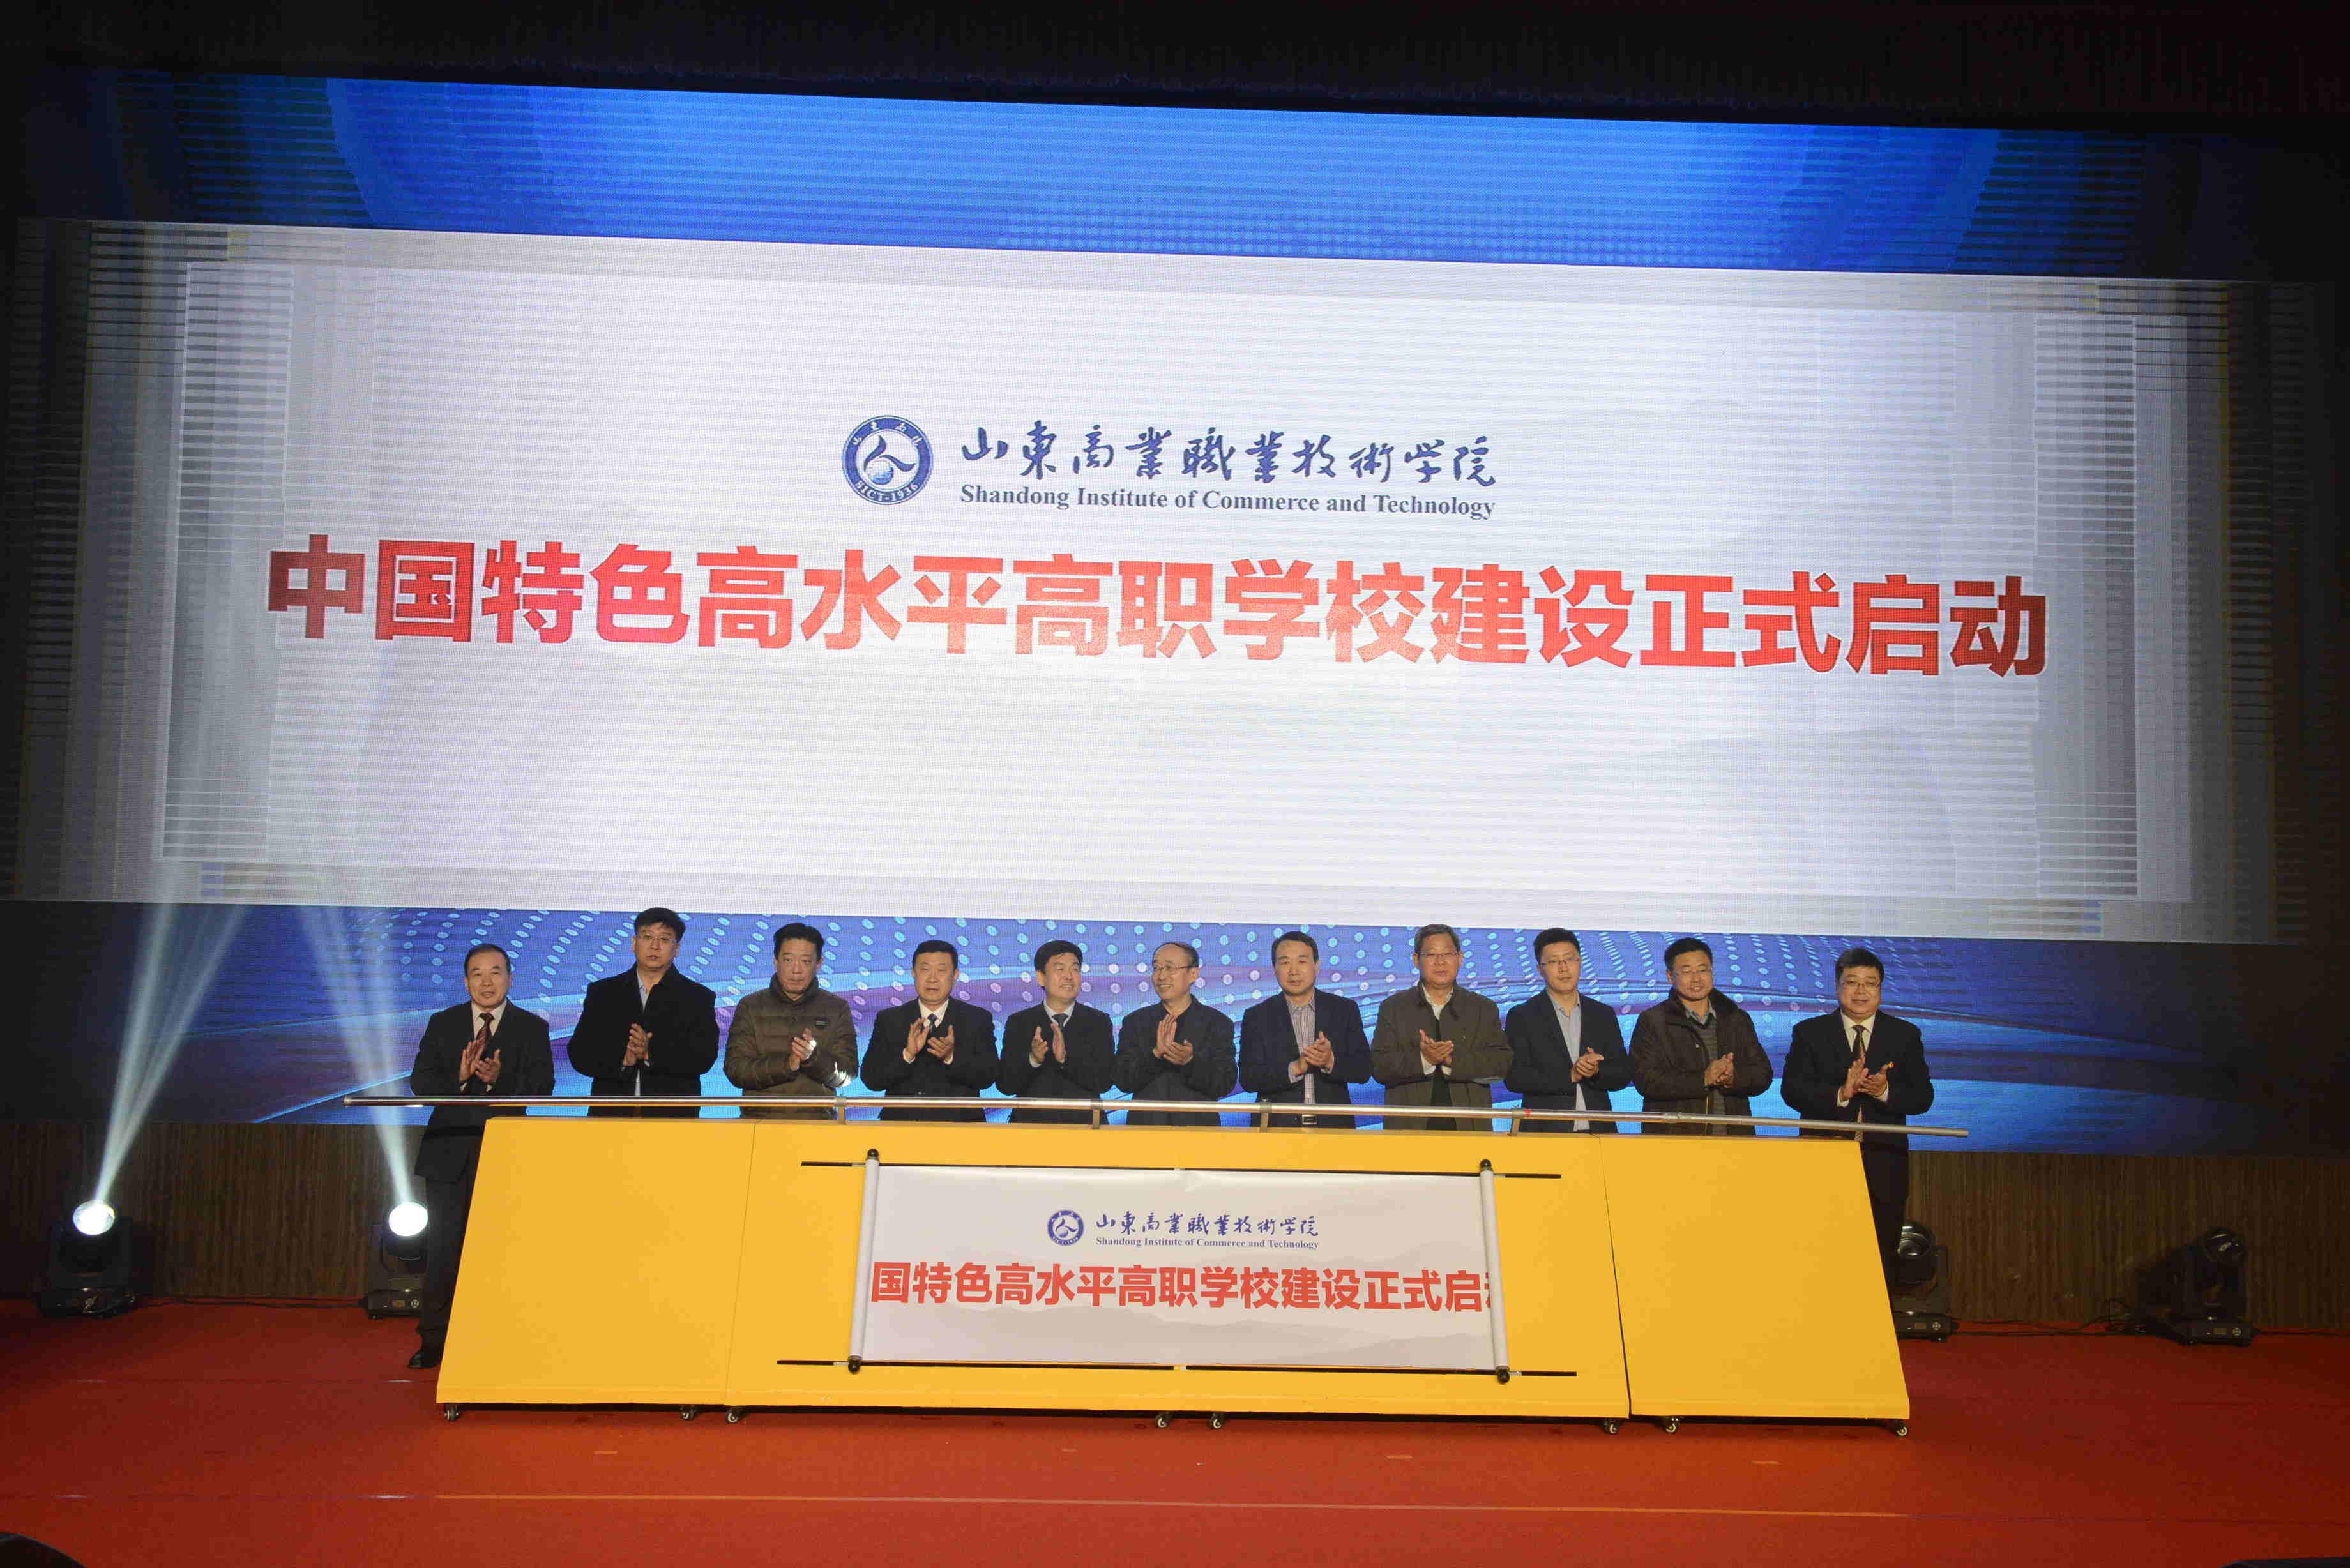 山东商职学院中国特色高水平高职学校建设正式启动